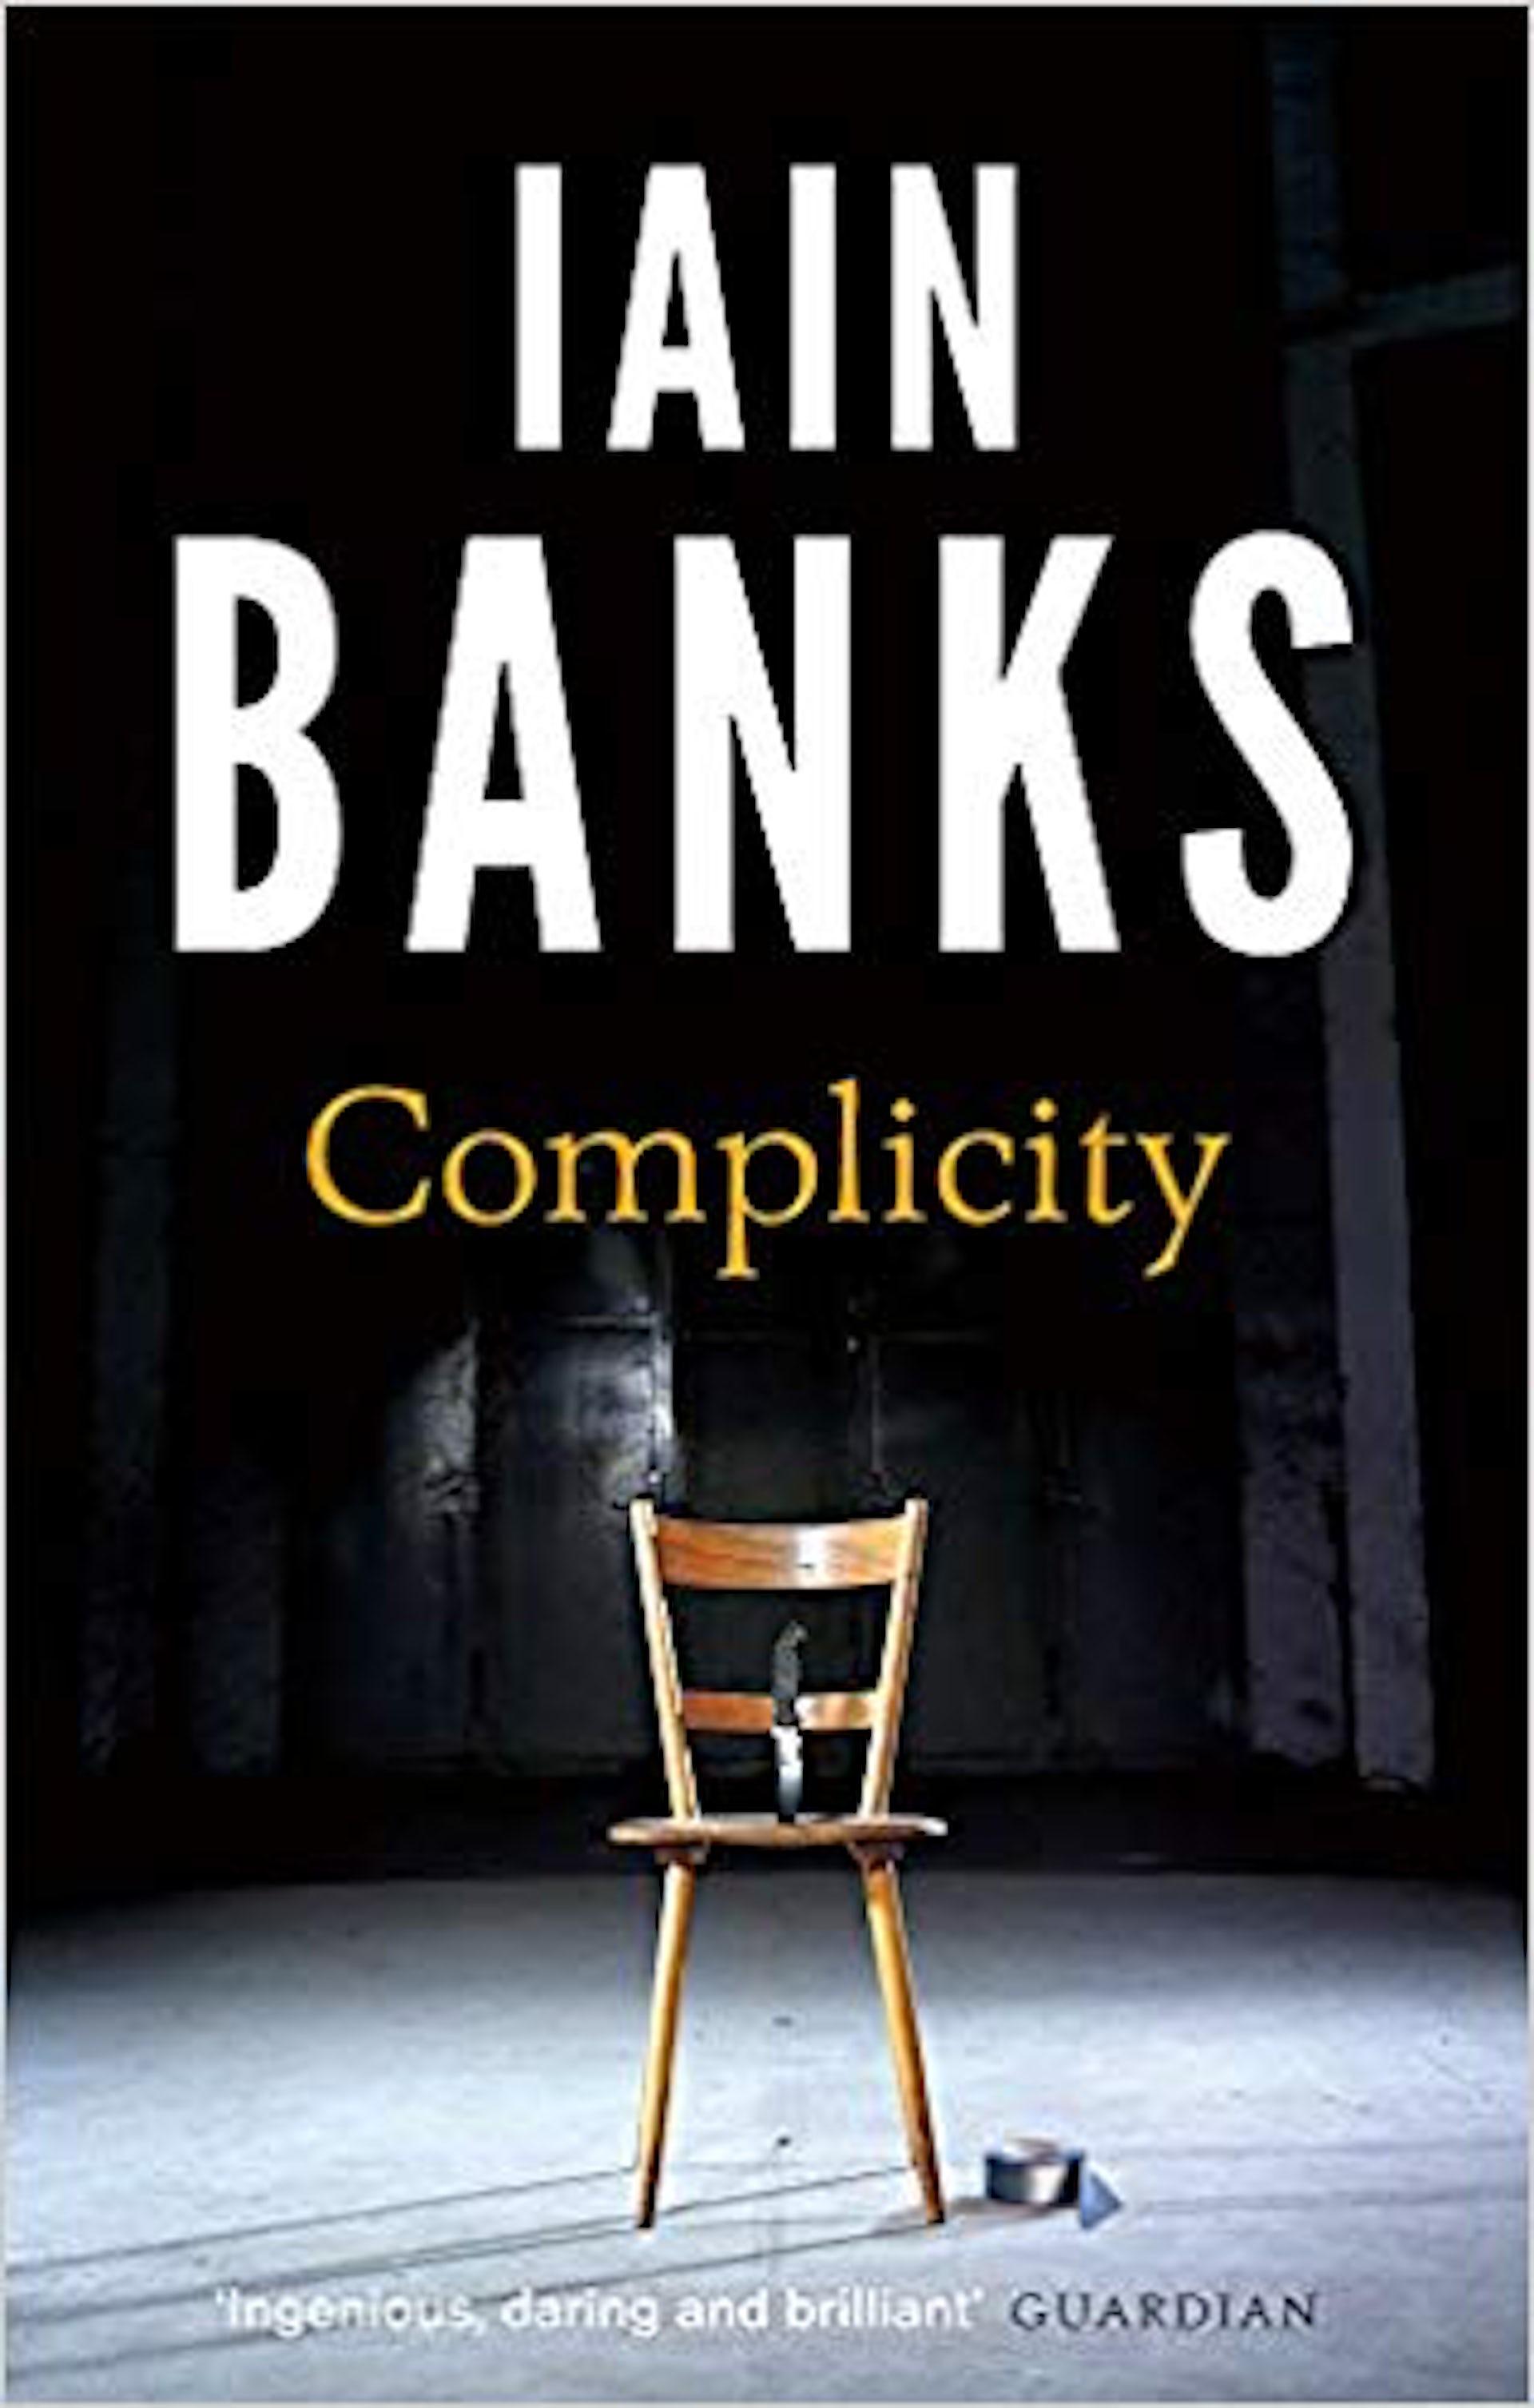 Iain Banks 1993 novel